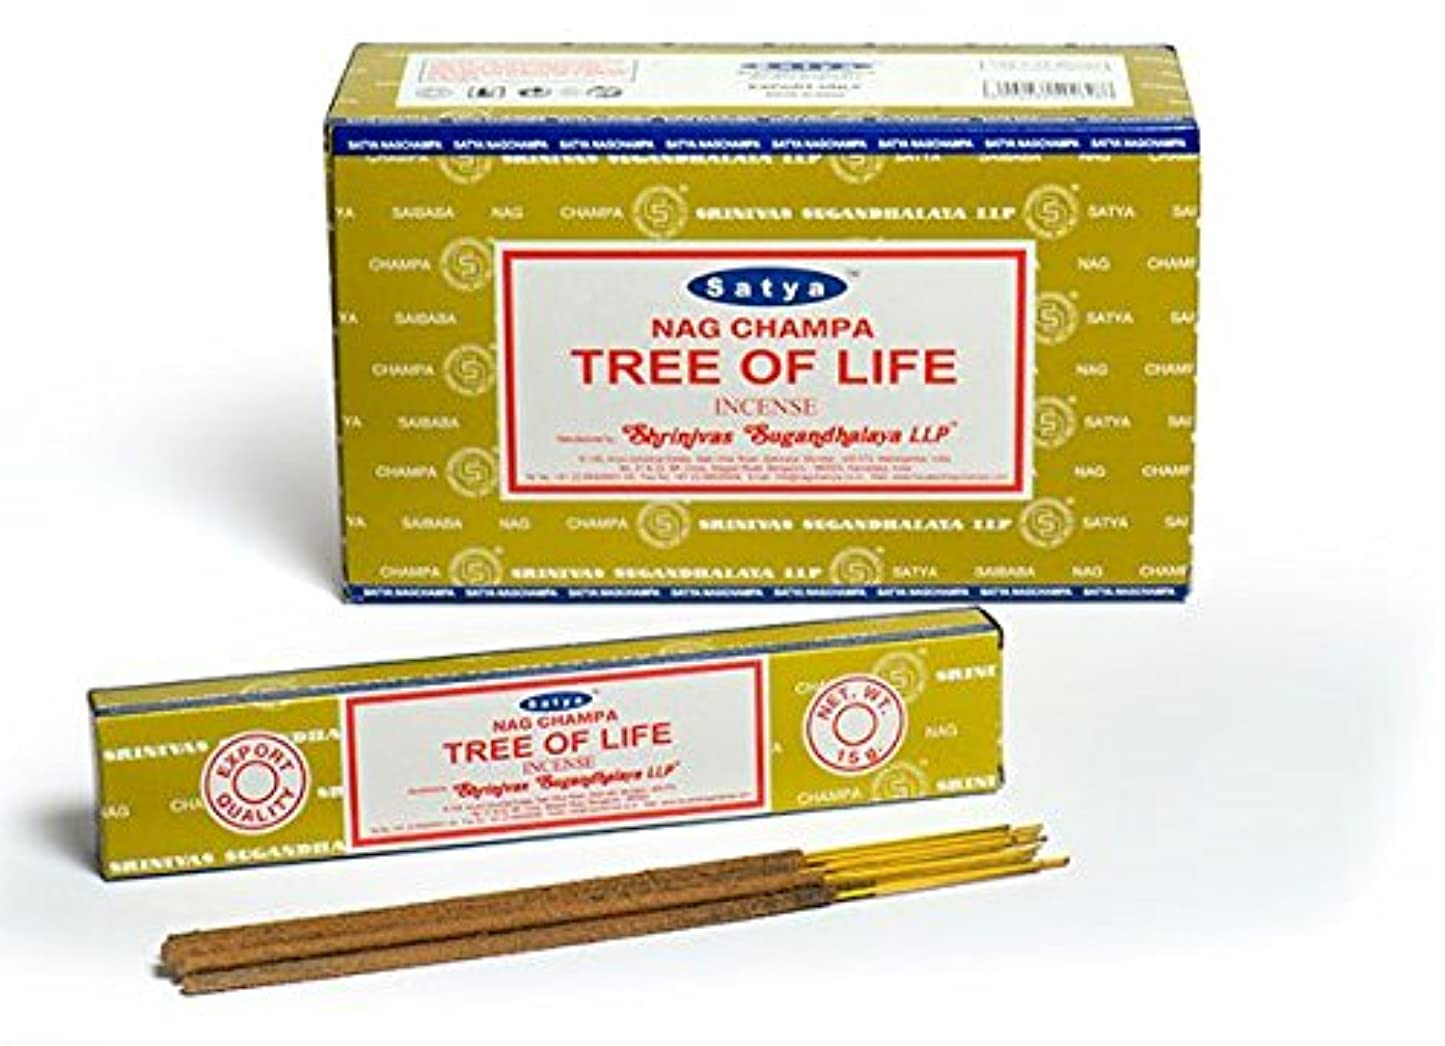 システム落胆した気性Satya Nag Champa 生命の樹 お香スティック Agarbatti 180グラムボックス | 12パック 15グラム/箱入り | 輸出品質